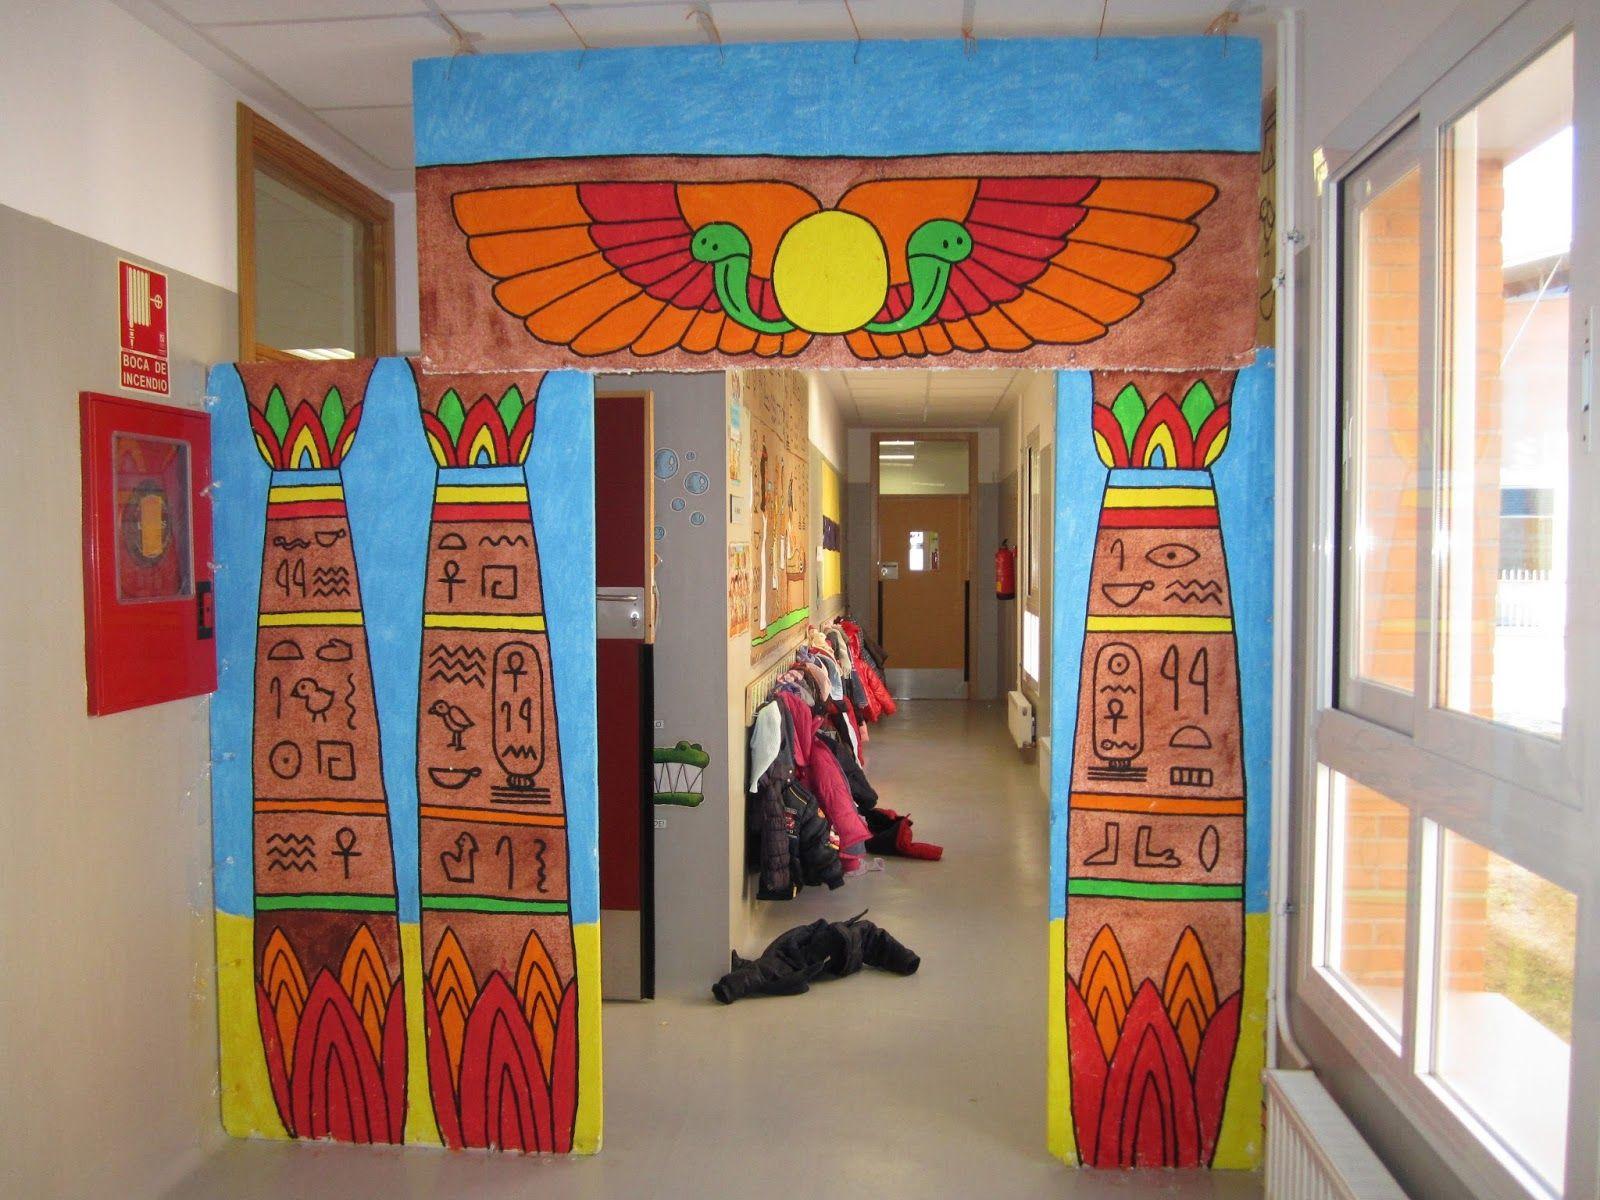 Trabajar por proyectos en educaci n infantil decoraci n for Puertas decoradas educacion infantil